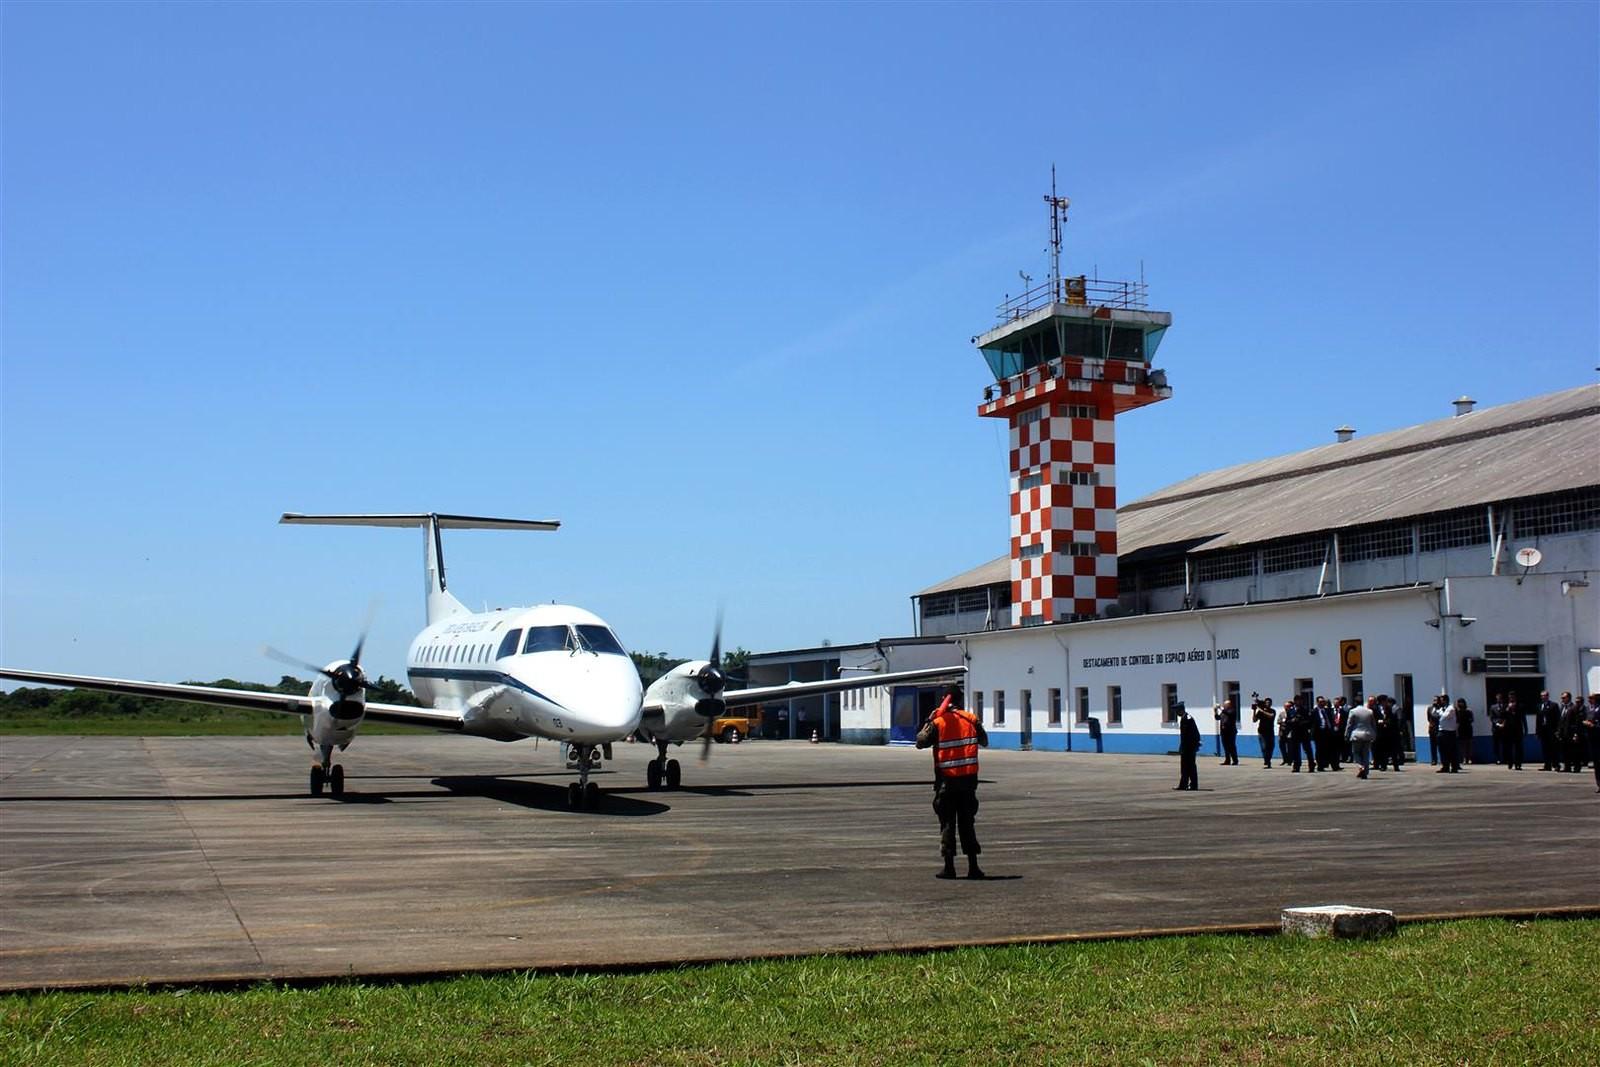 Infraero firma contrato com Prefeitura e assume operação do aeroporto de Guarujá, SP